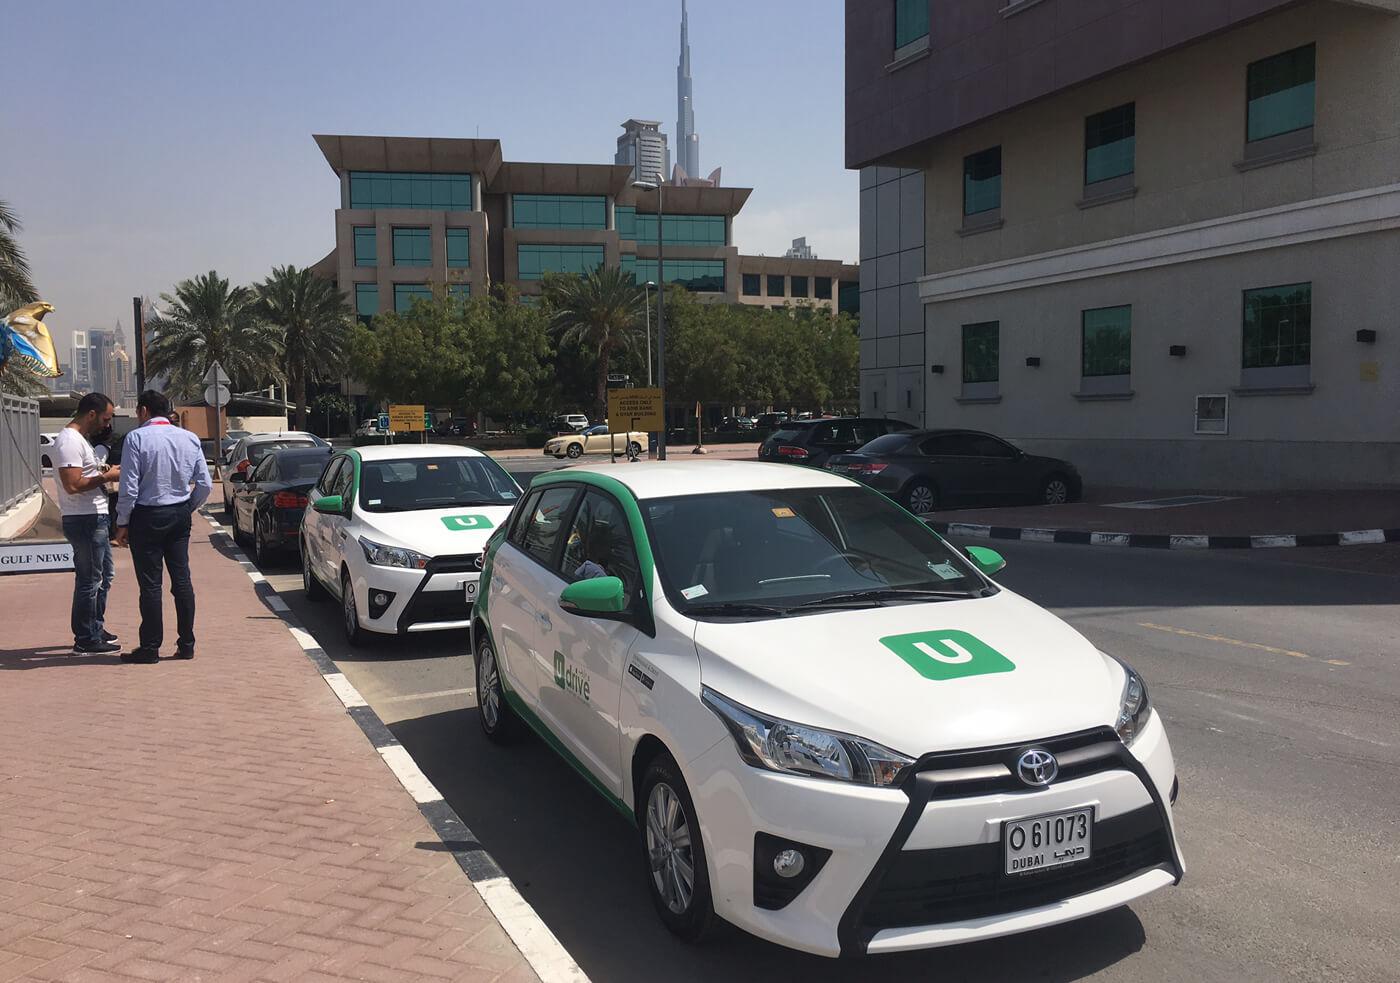 Заказать такси через сервис Uber